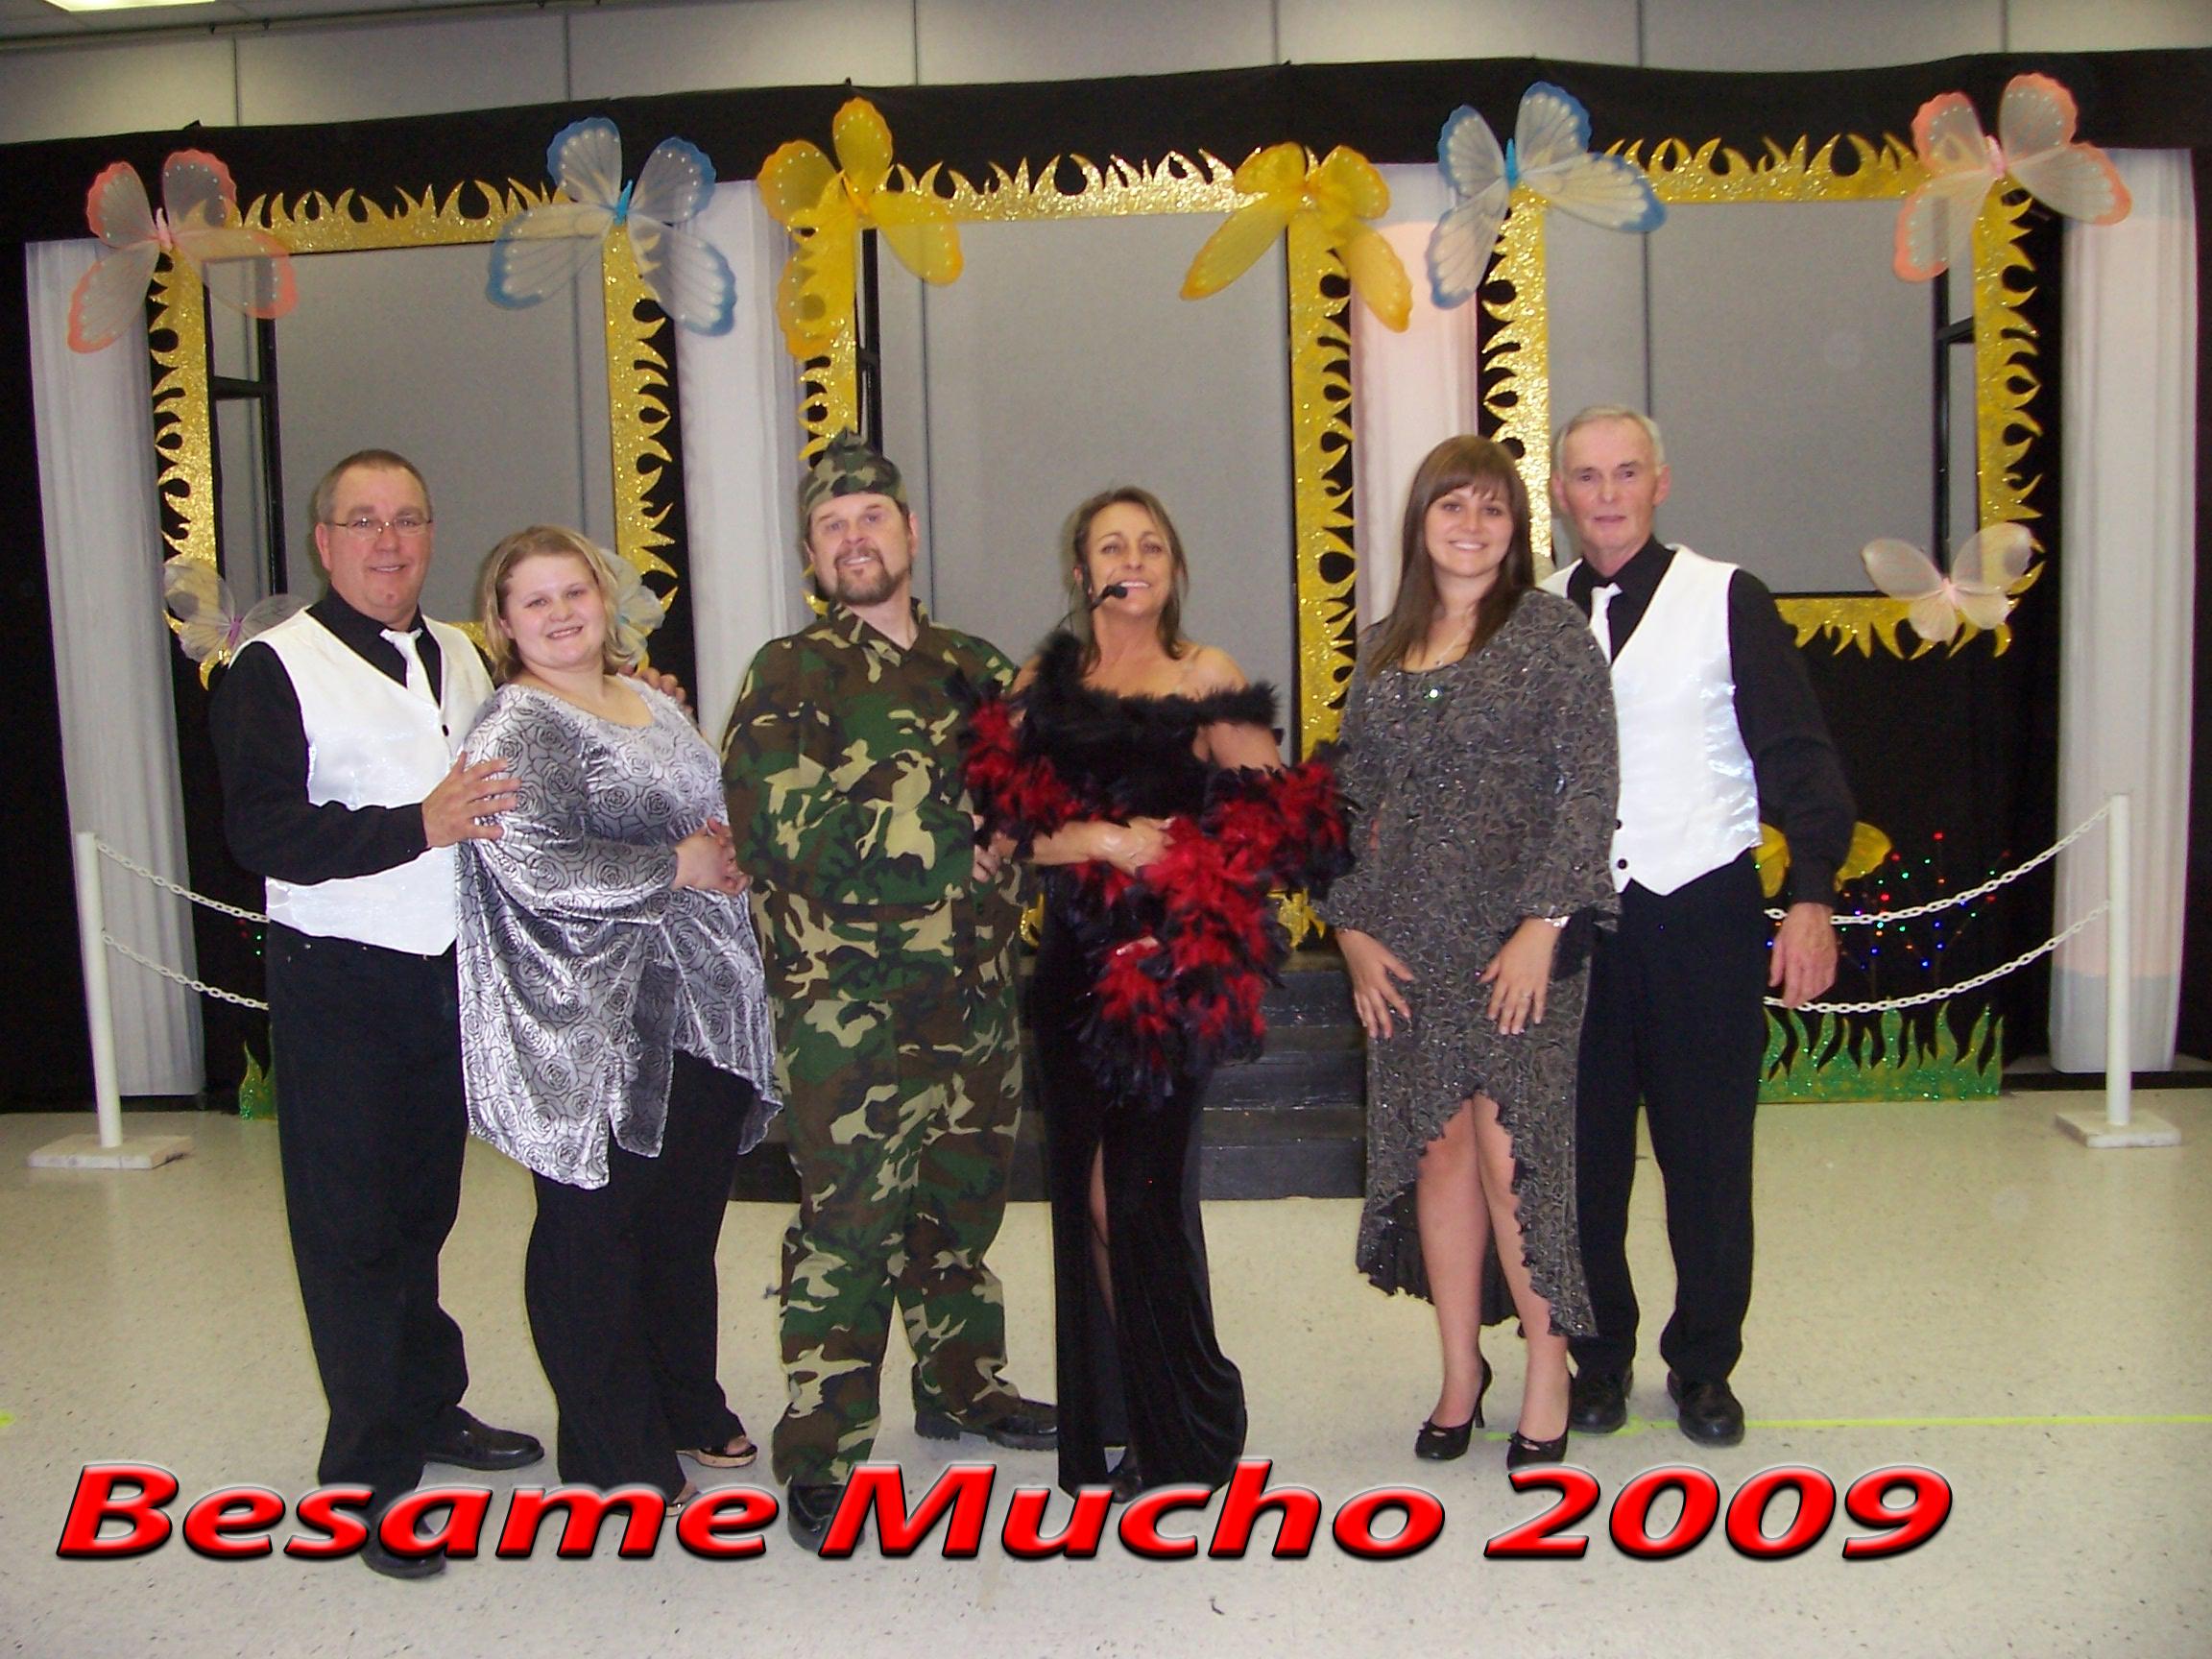 Besame Mucho 2009